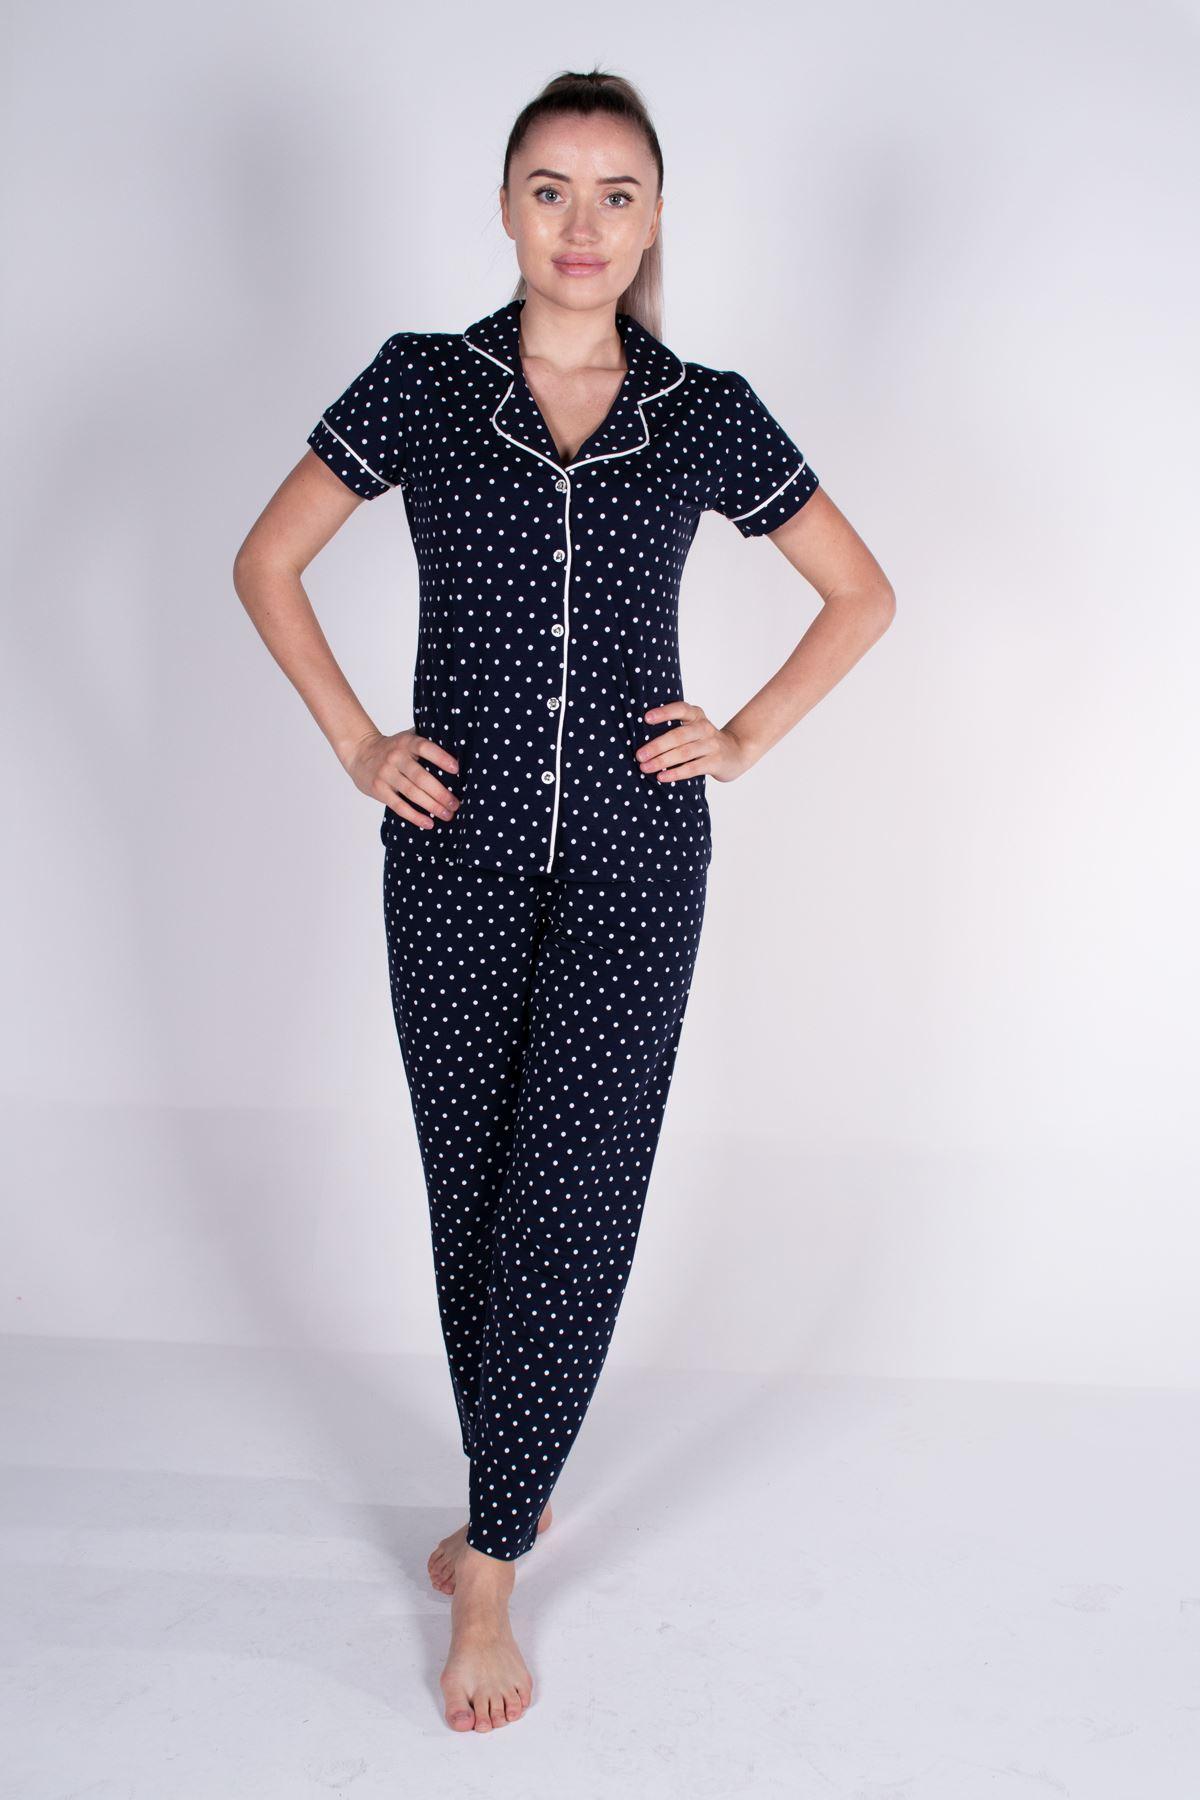 Malabadi Kadın Lacivert Puantiyeli Düğmeli Likralı Modal Yazlık Pijama Takımı 5004